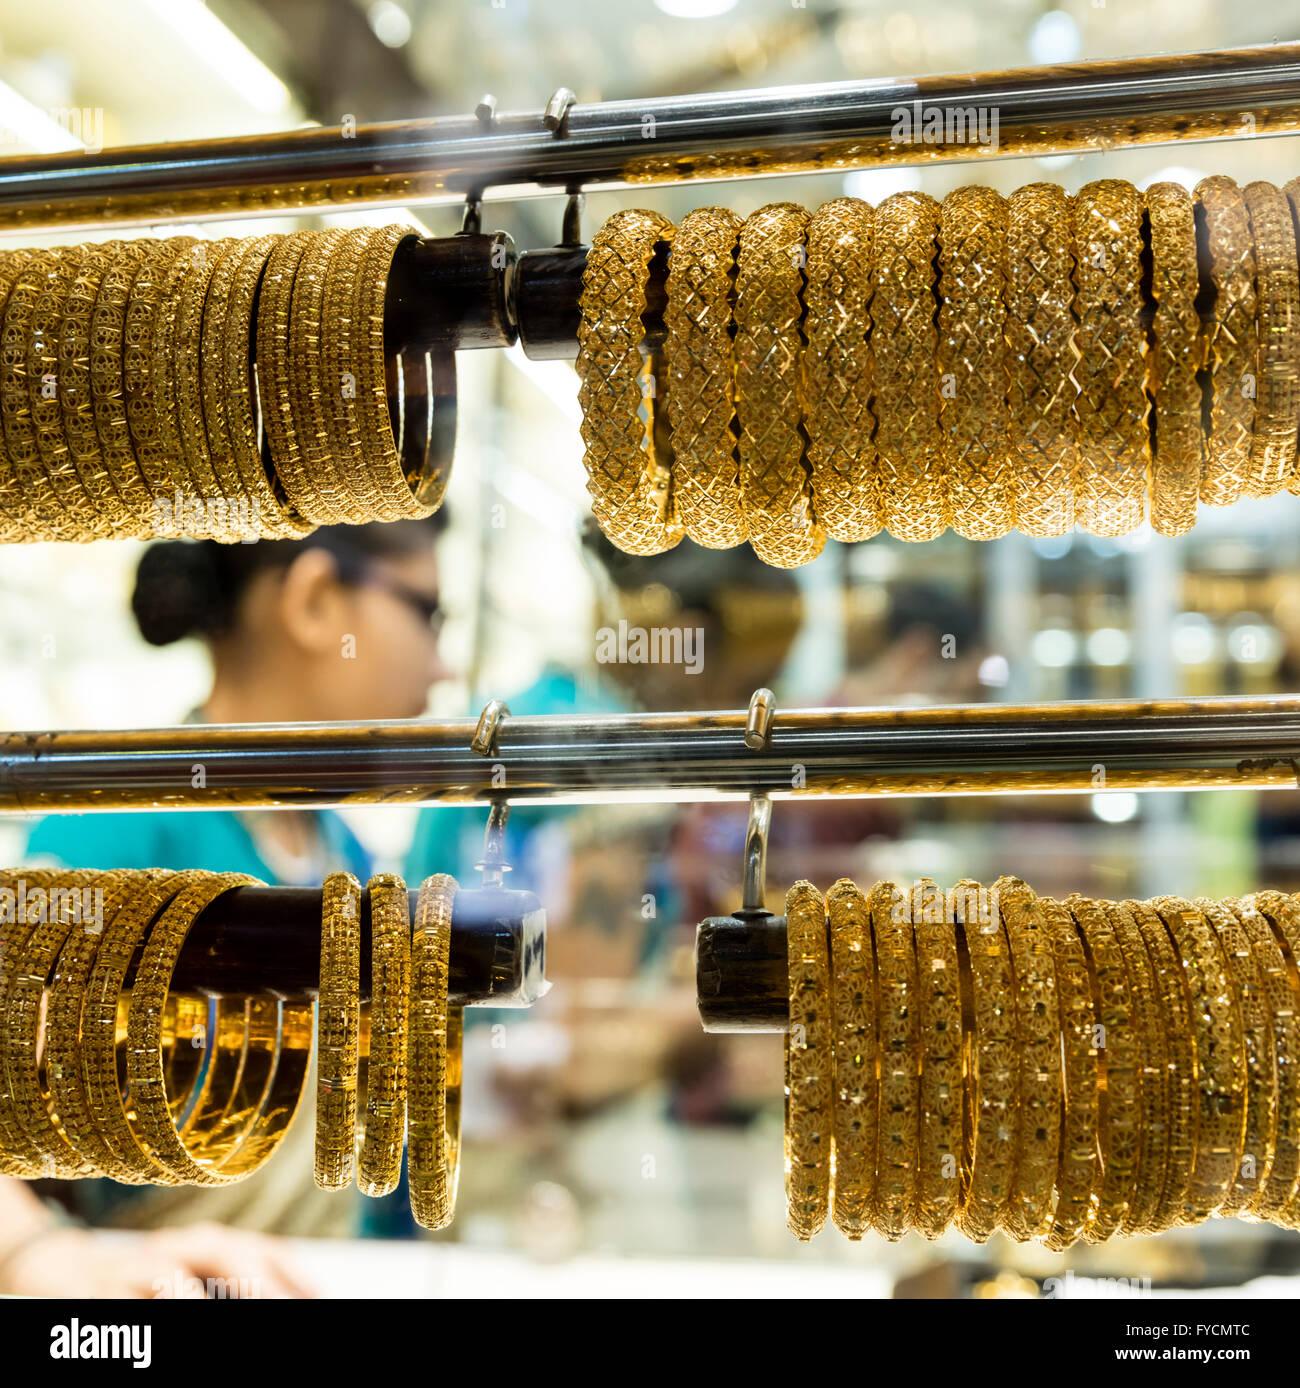 60c8975c38f Portoirs de bracelets en or à vendre sur afficher dans une vitrine ...